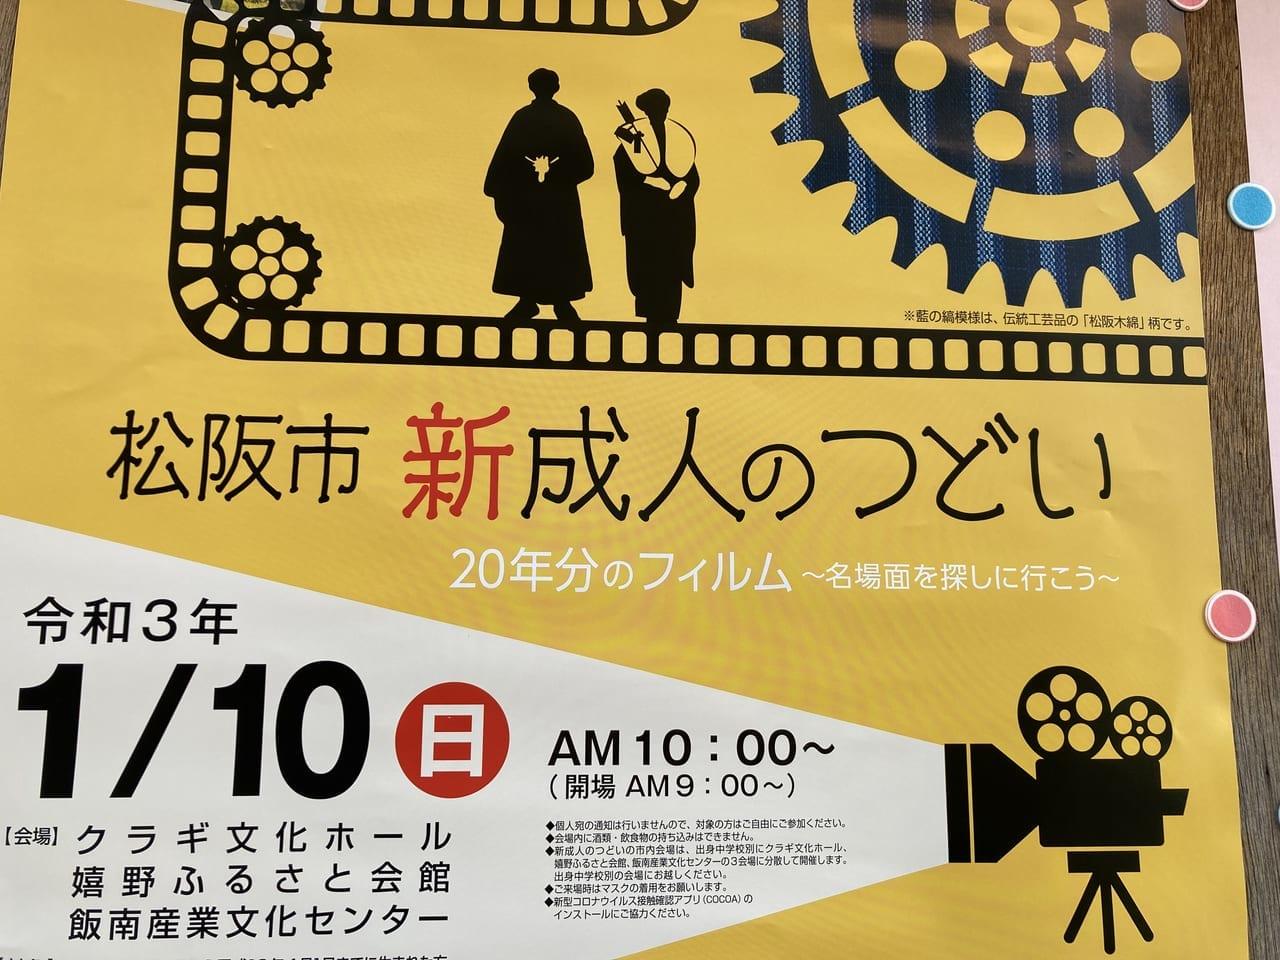 松阪市新成人の集いポスター